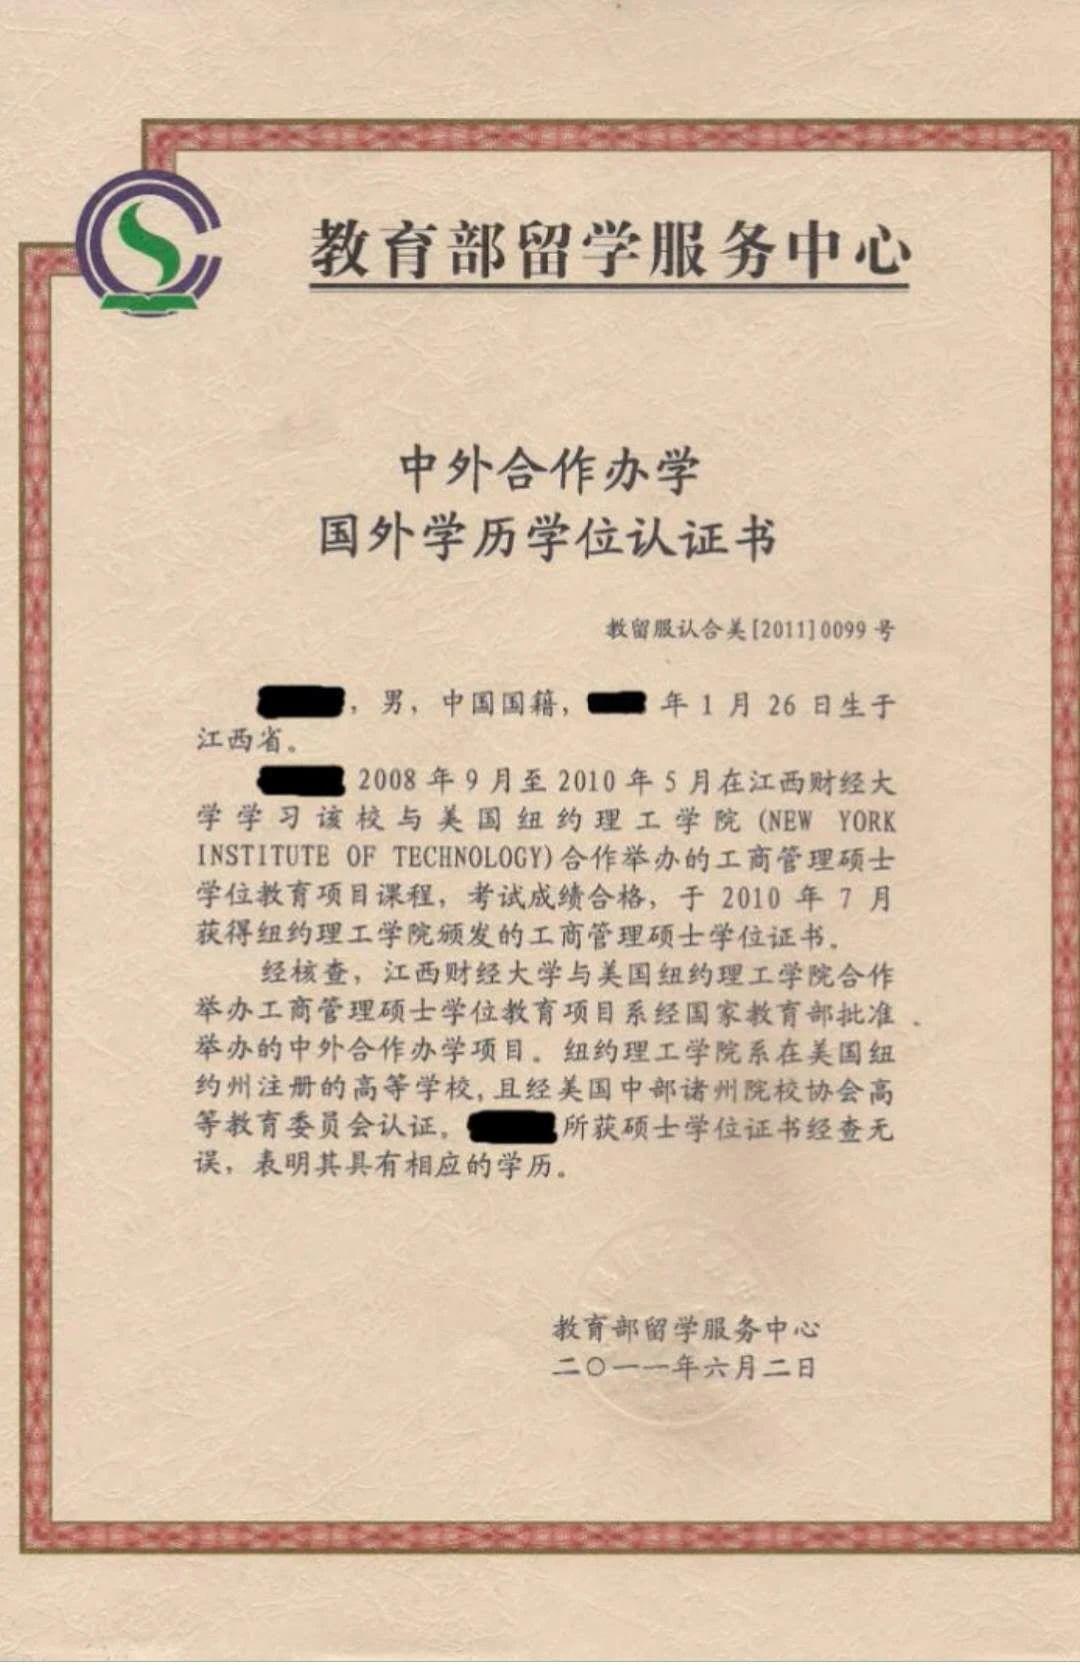 国家承认研究生学历和学位